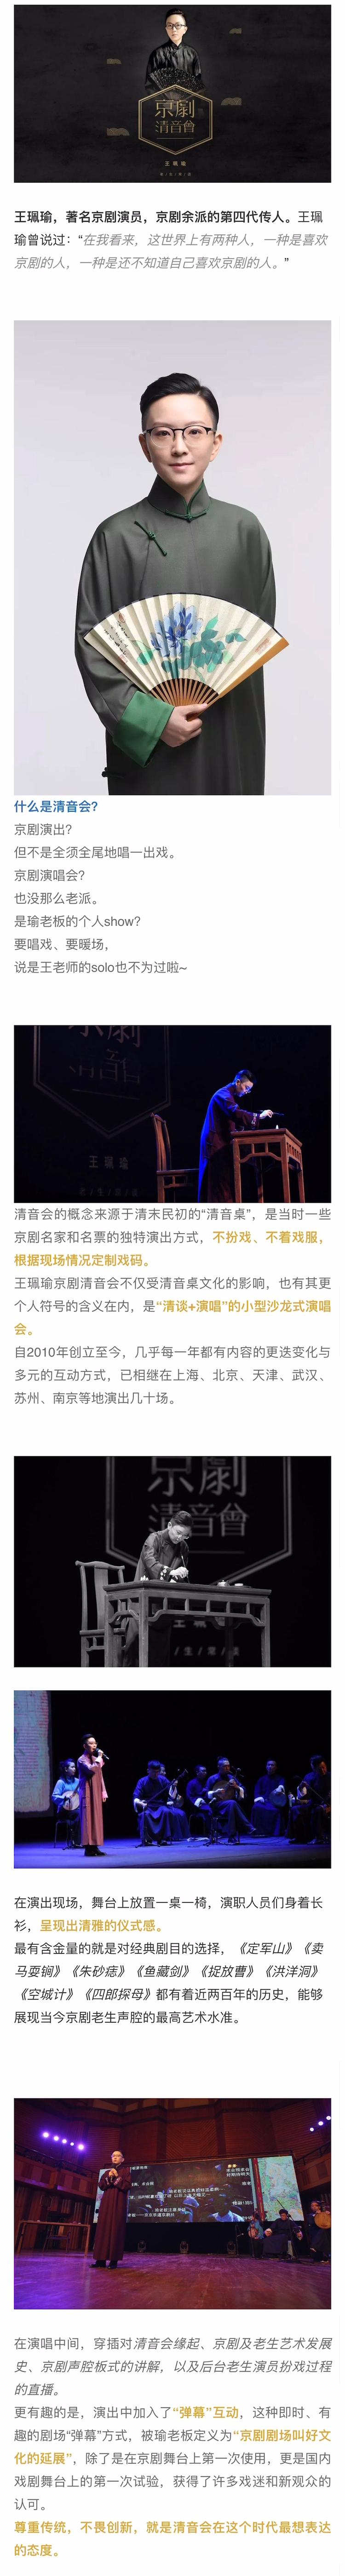 2021老生常谈-王珮瑜京剧清音会-济南站